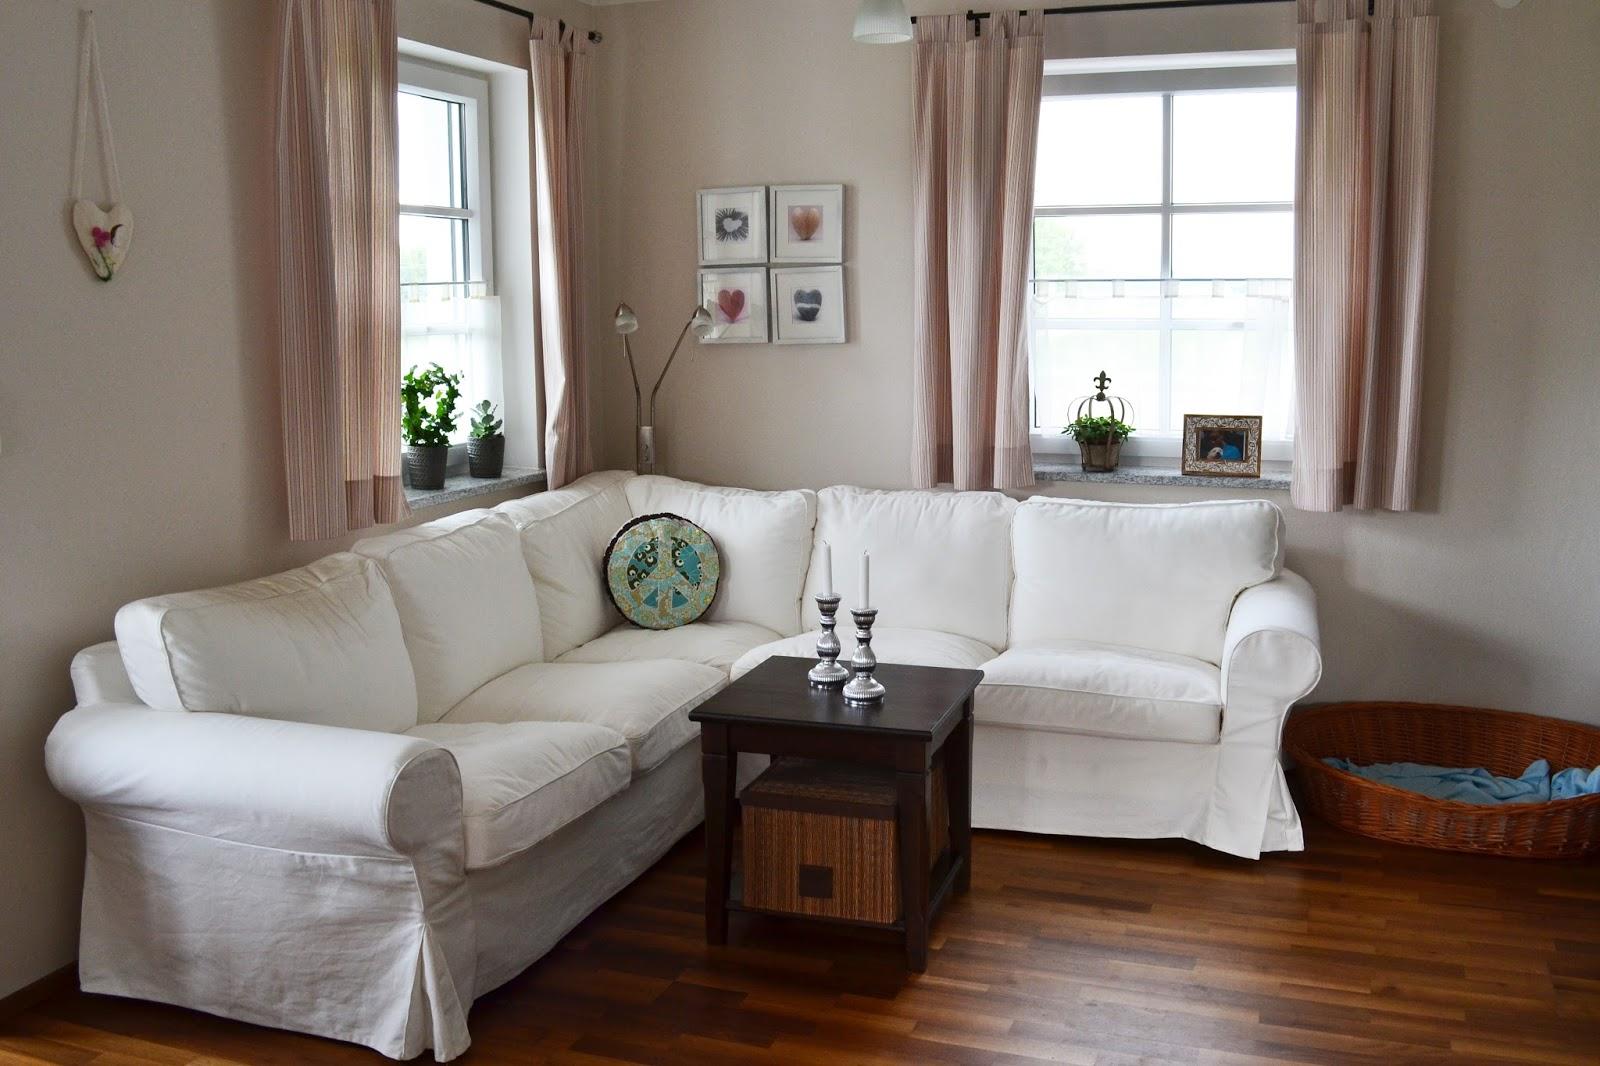 Evita creativ neues wohnzimmer gewinner - Neues wohnzimmer ...